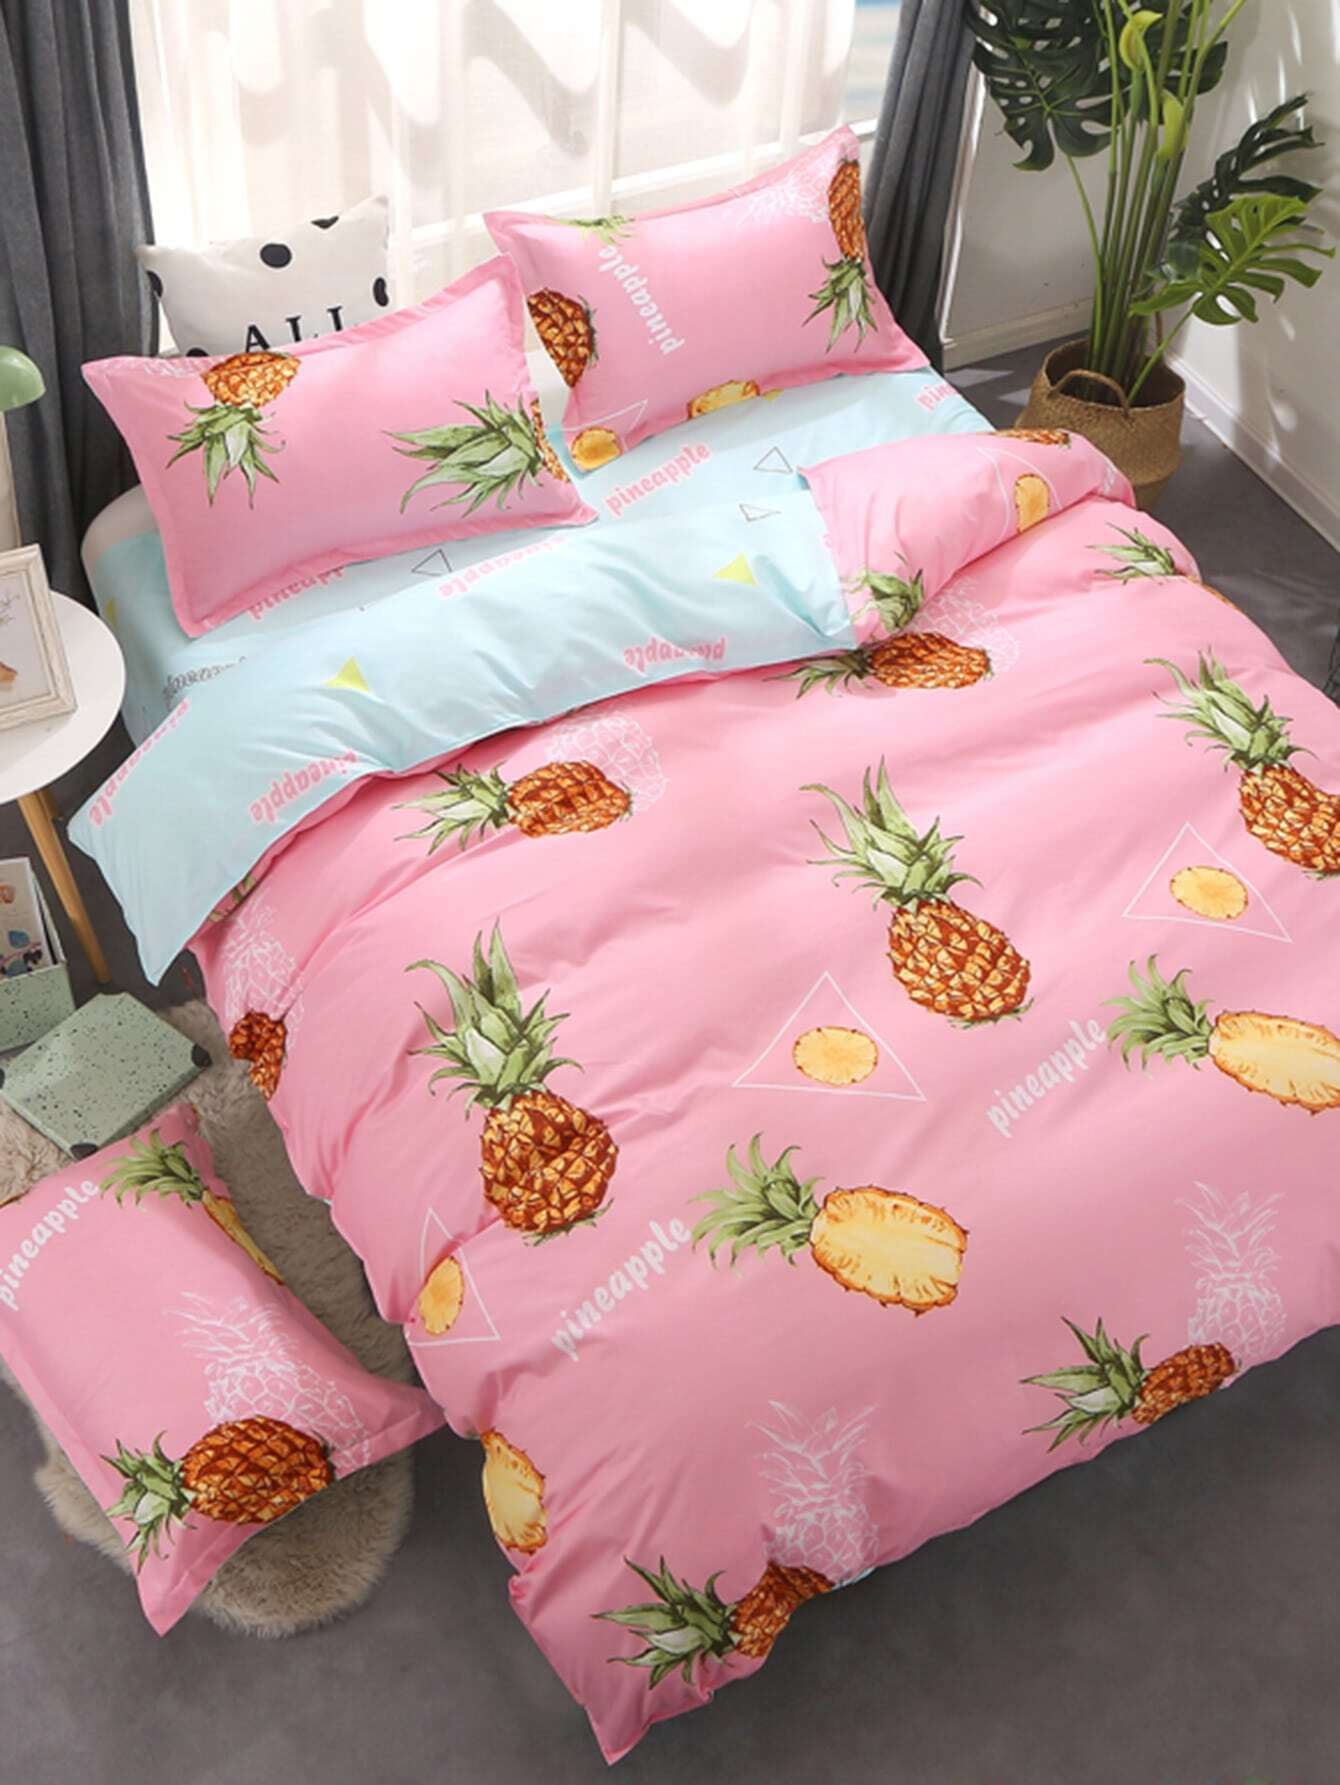 2.0m 4Pcs Pineapple Print Duvet Cover Set